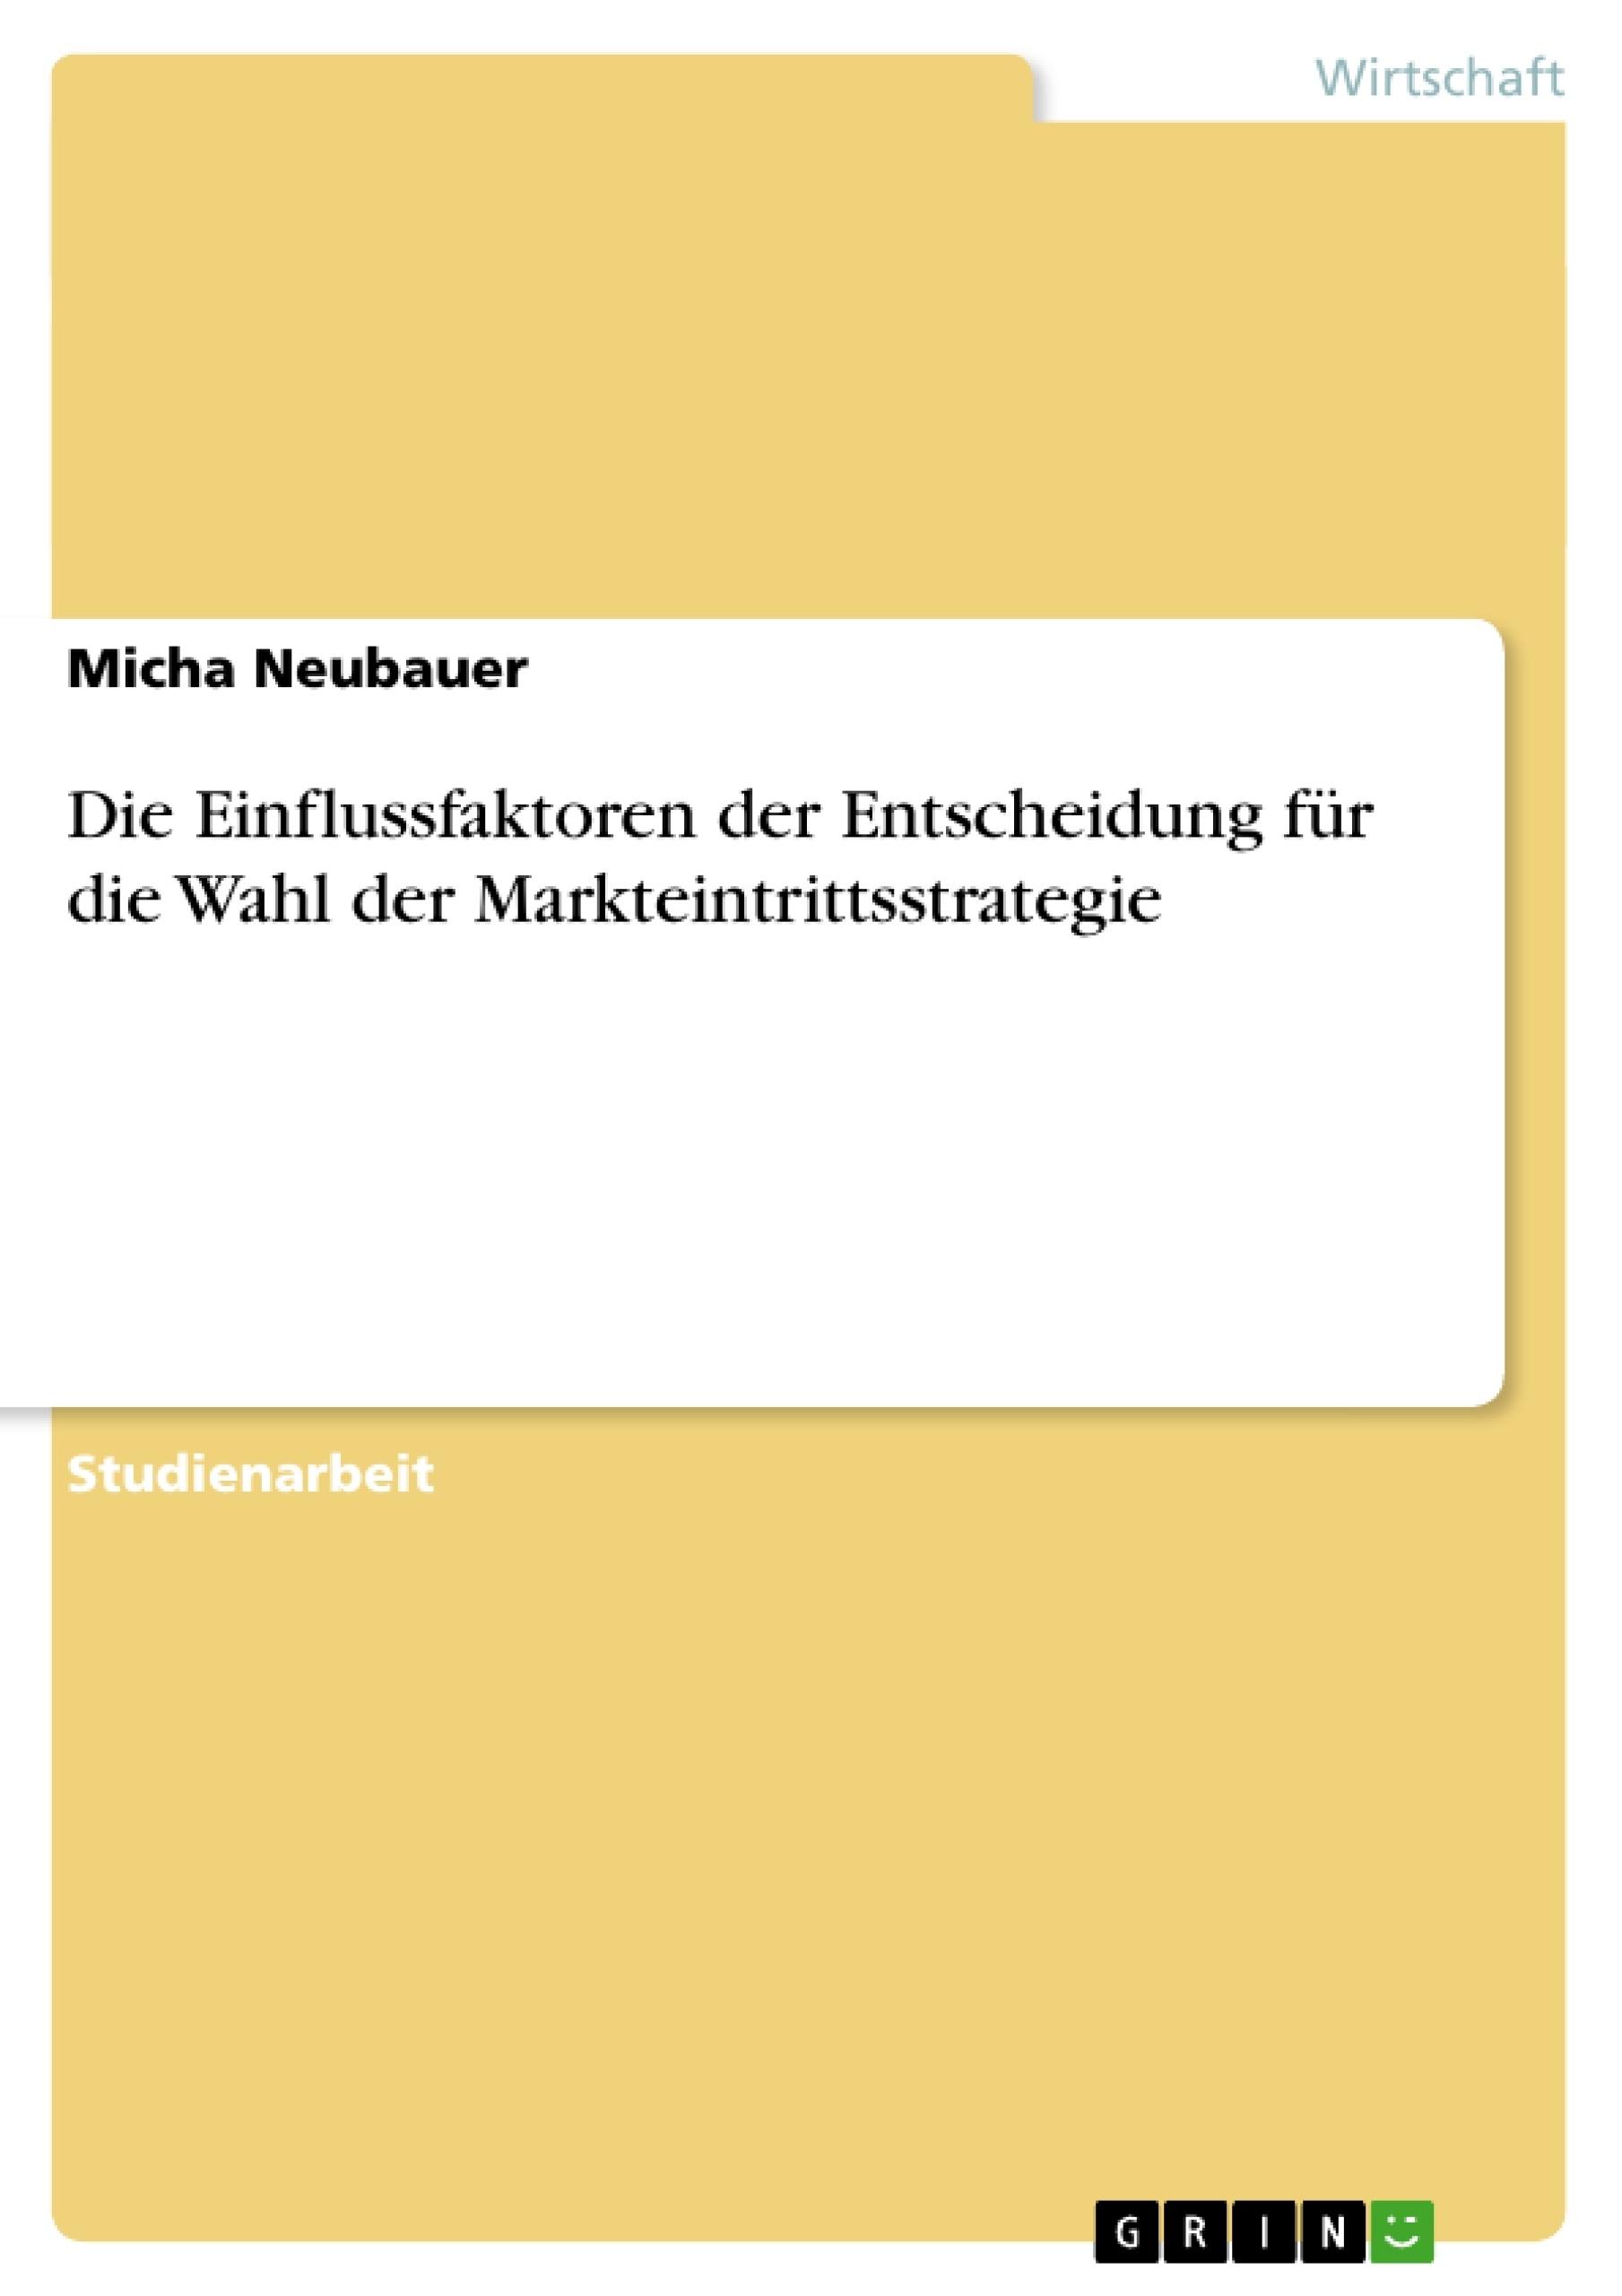 Titel: Die Einflussfaktoren der Entscheidung für die Wahl der Markteintrittsstrategie